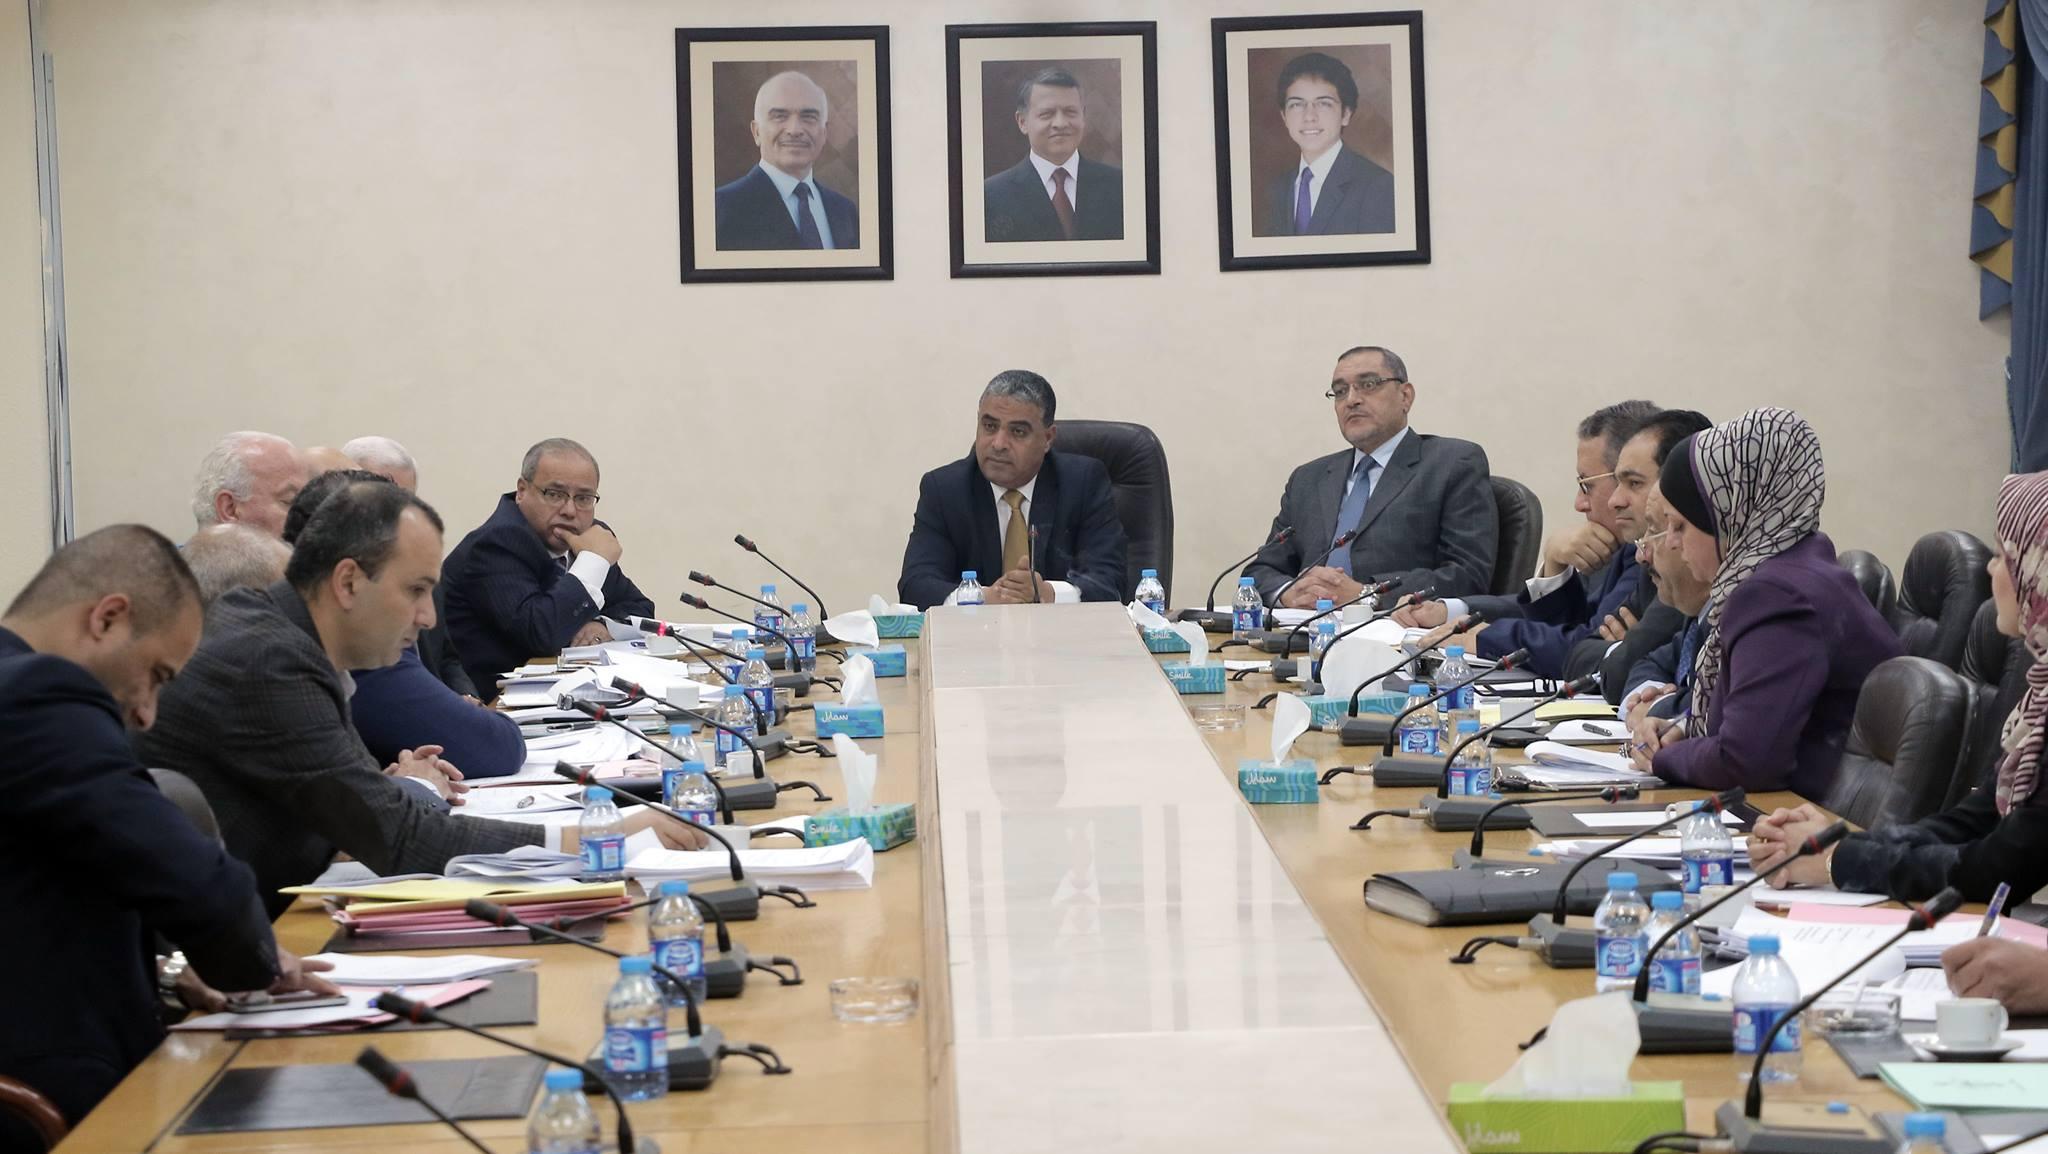 لجنة القانونية النيابية تقر تغيير اسم قانون الأموال المنقولة